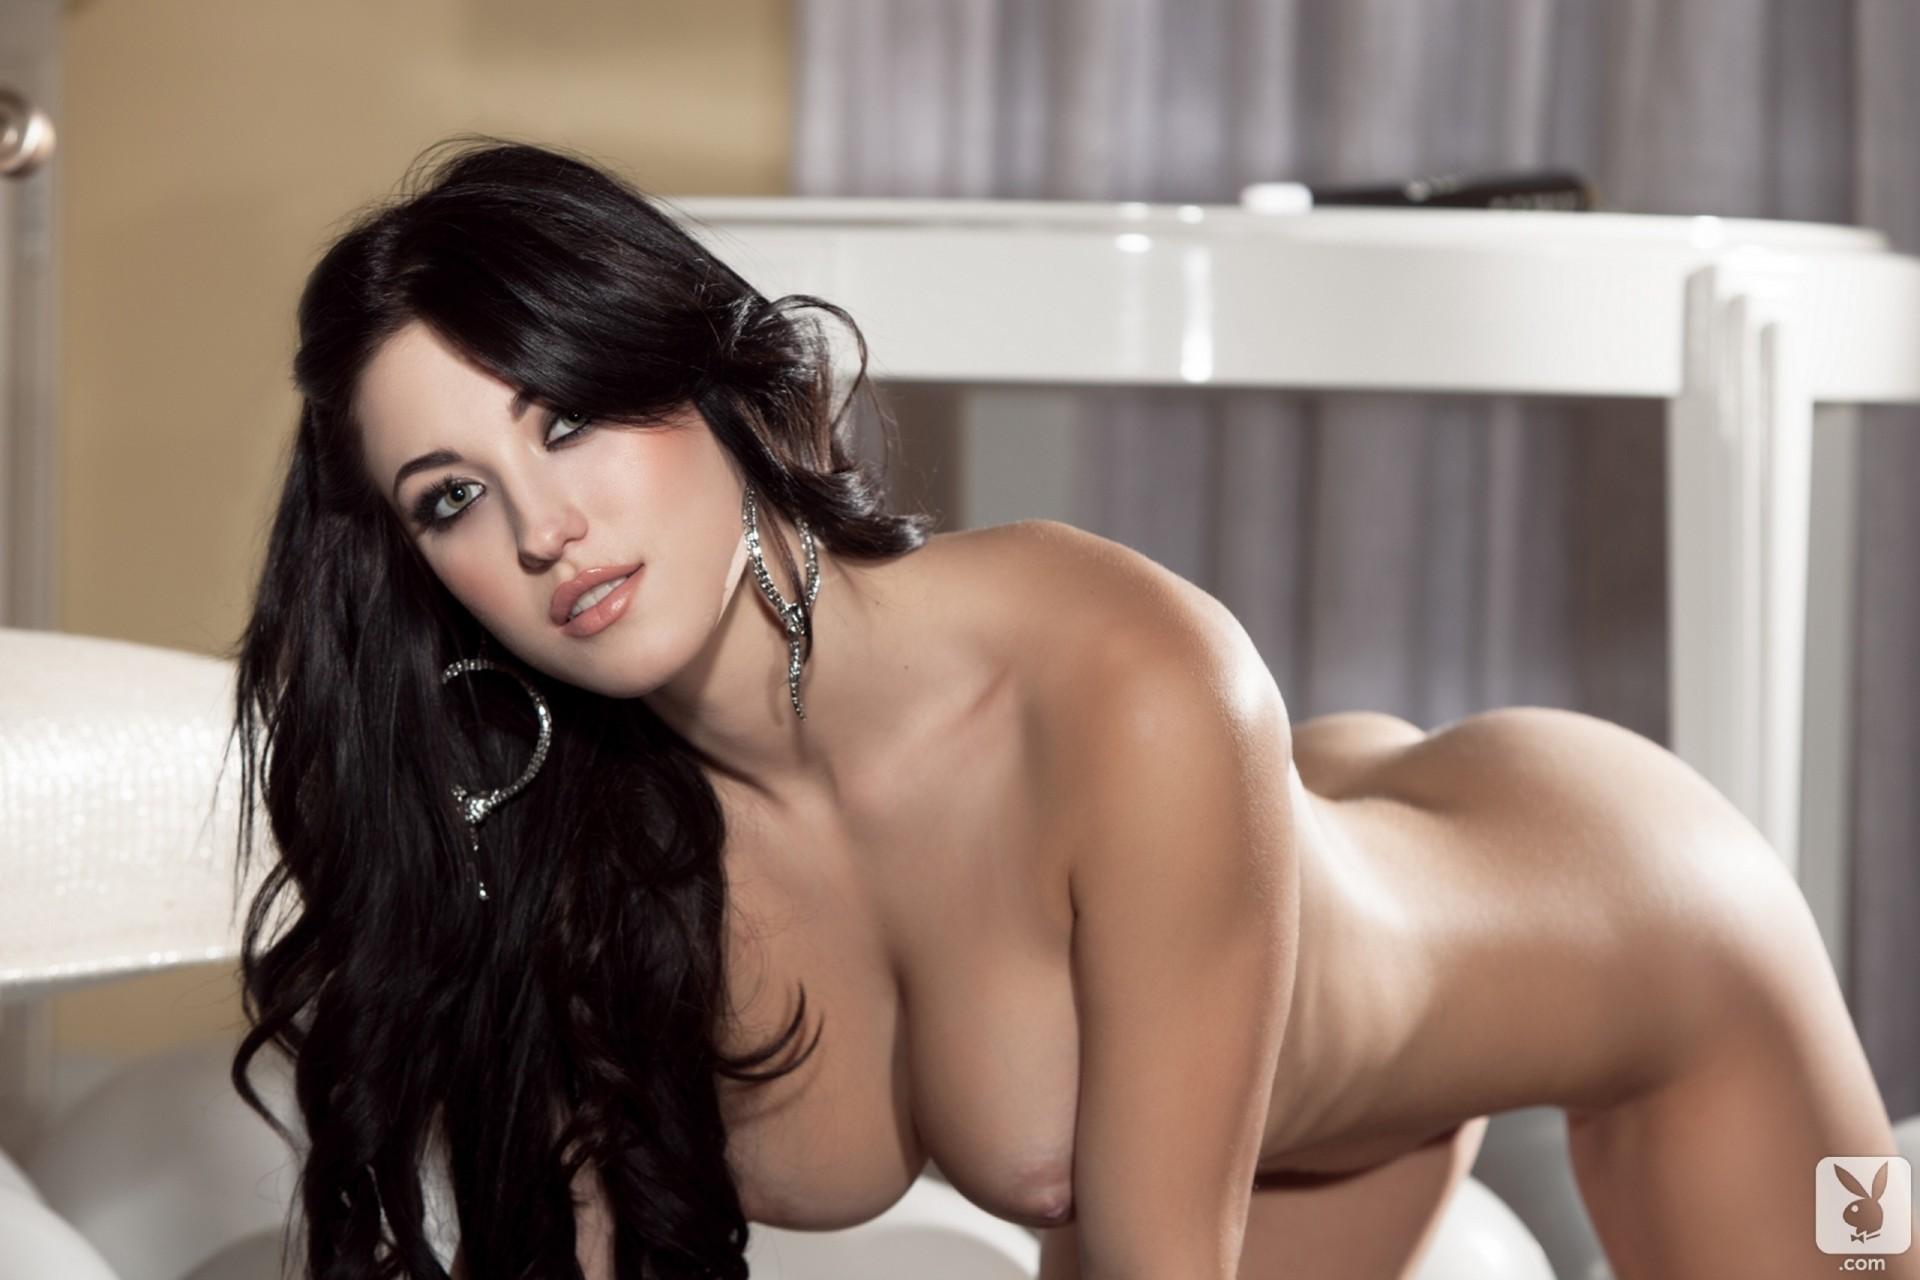 довольно эротические фото красивых девушек брюнеток галерея задница наколилась